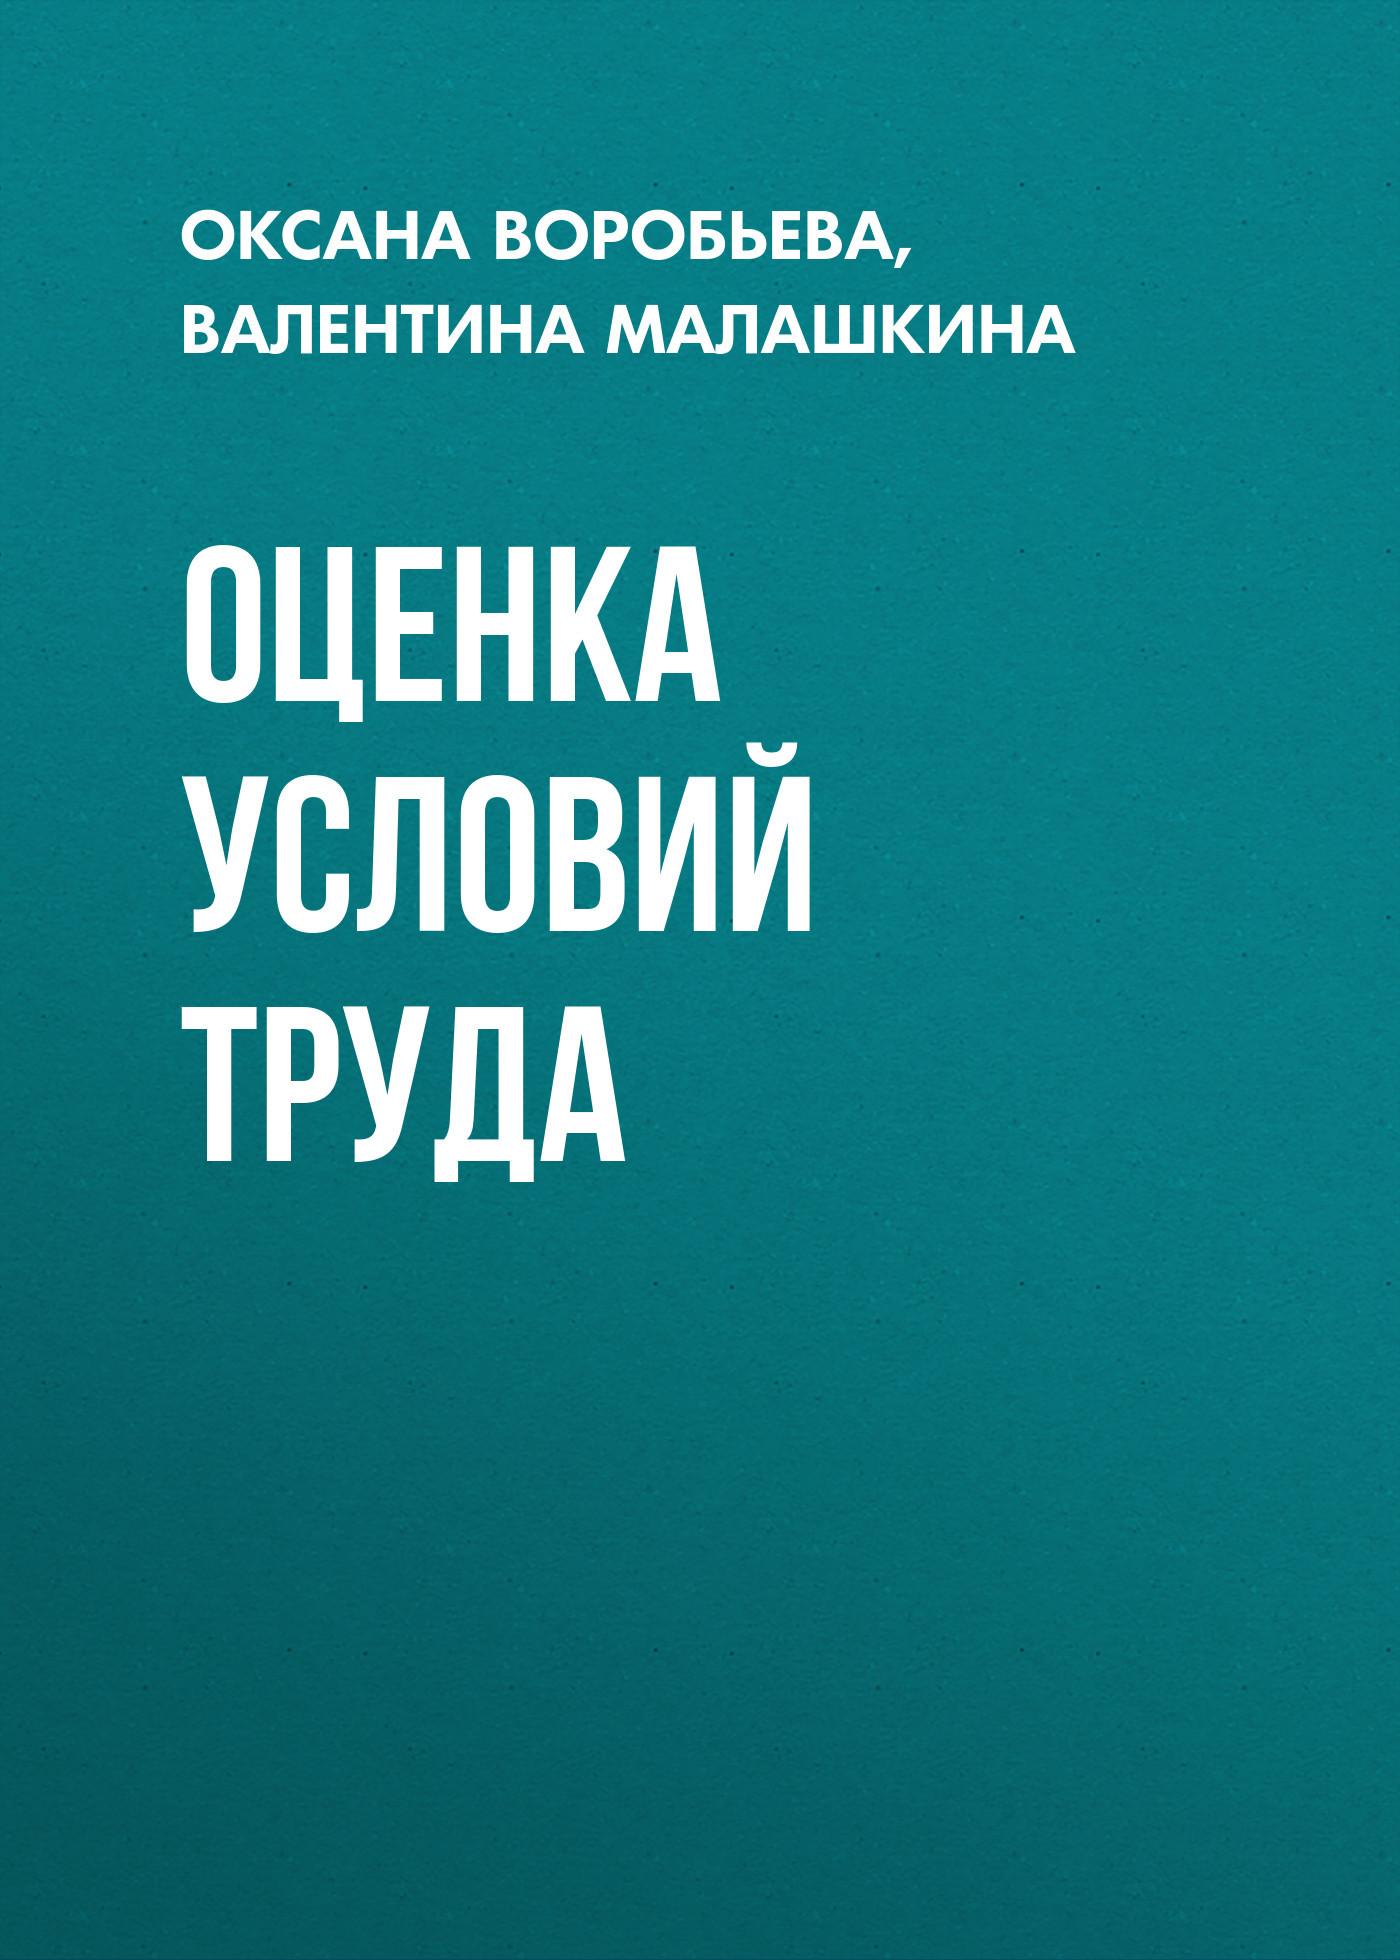 Валентина Малашкина Оценка условий труда связь на промышленных предприятиях